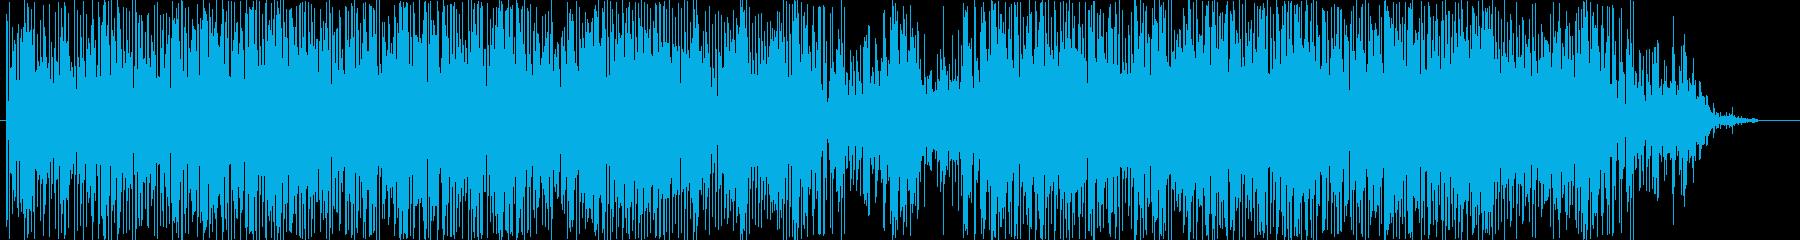 緊張感煽る劇伴音楽の再生済みの波形